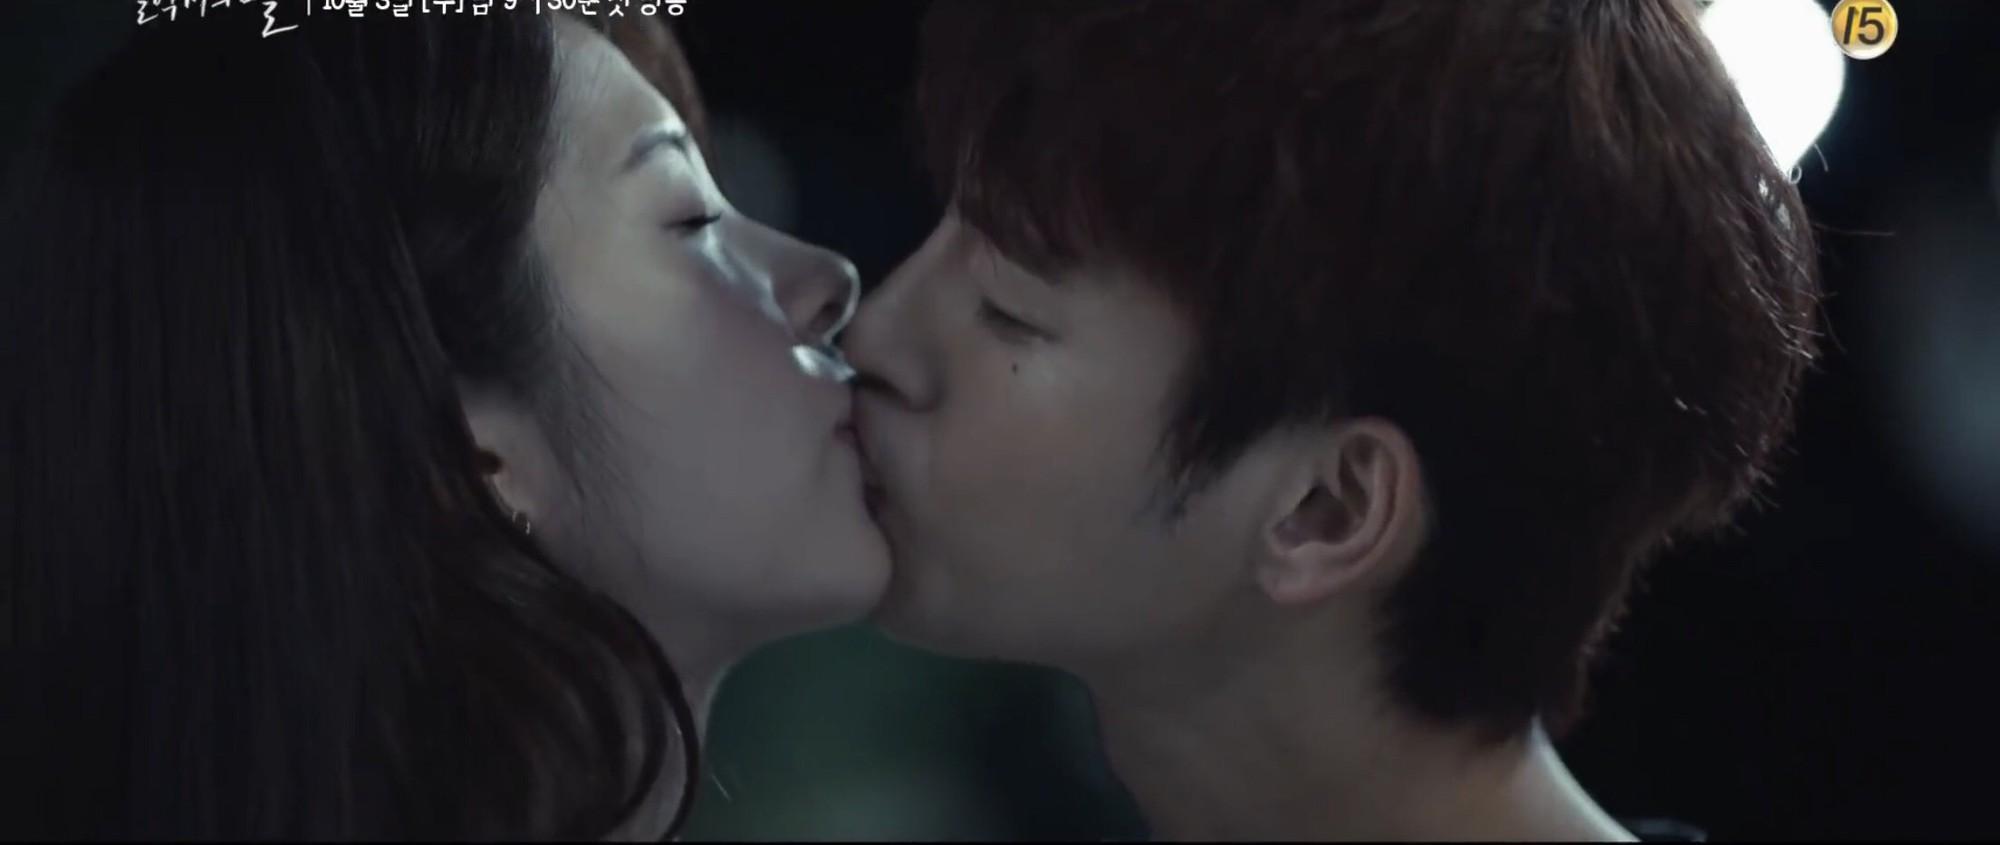 """Nhìn xem phim Hàn 2018 đã cho """"ra mắt chị em"""" bao nhiêu chàng bạn trai trong mơ! - Ảnh 20."""